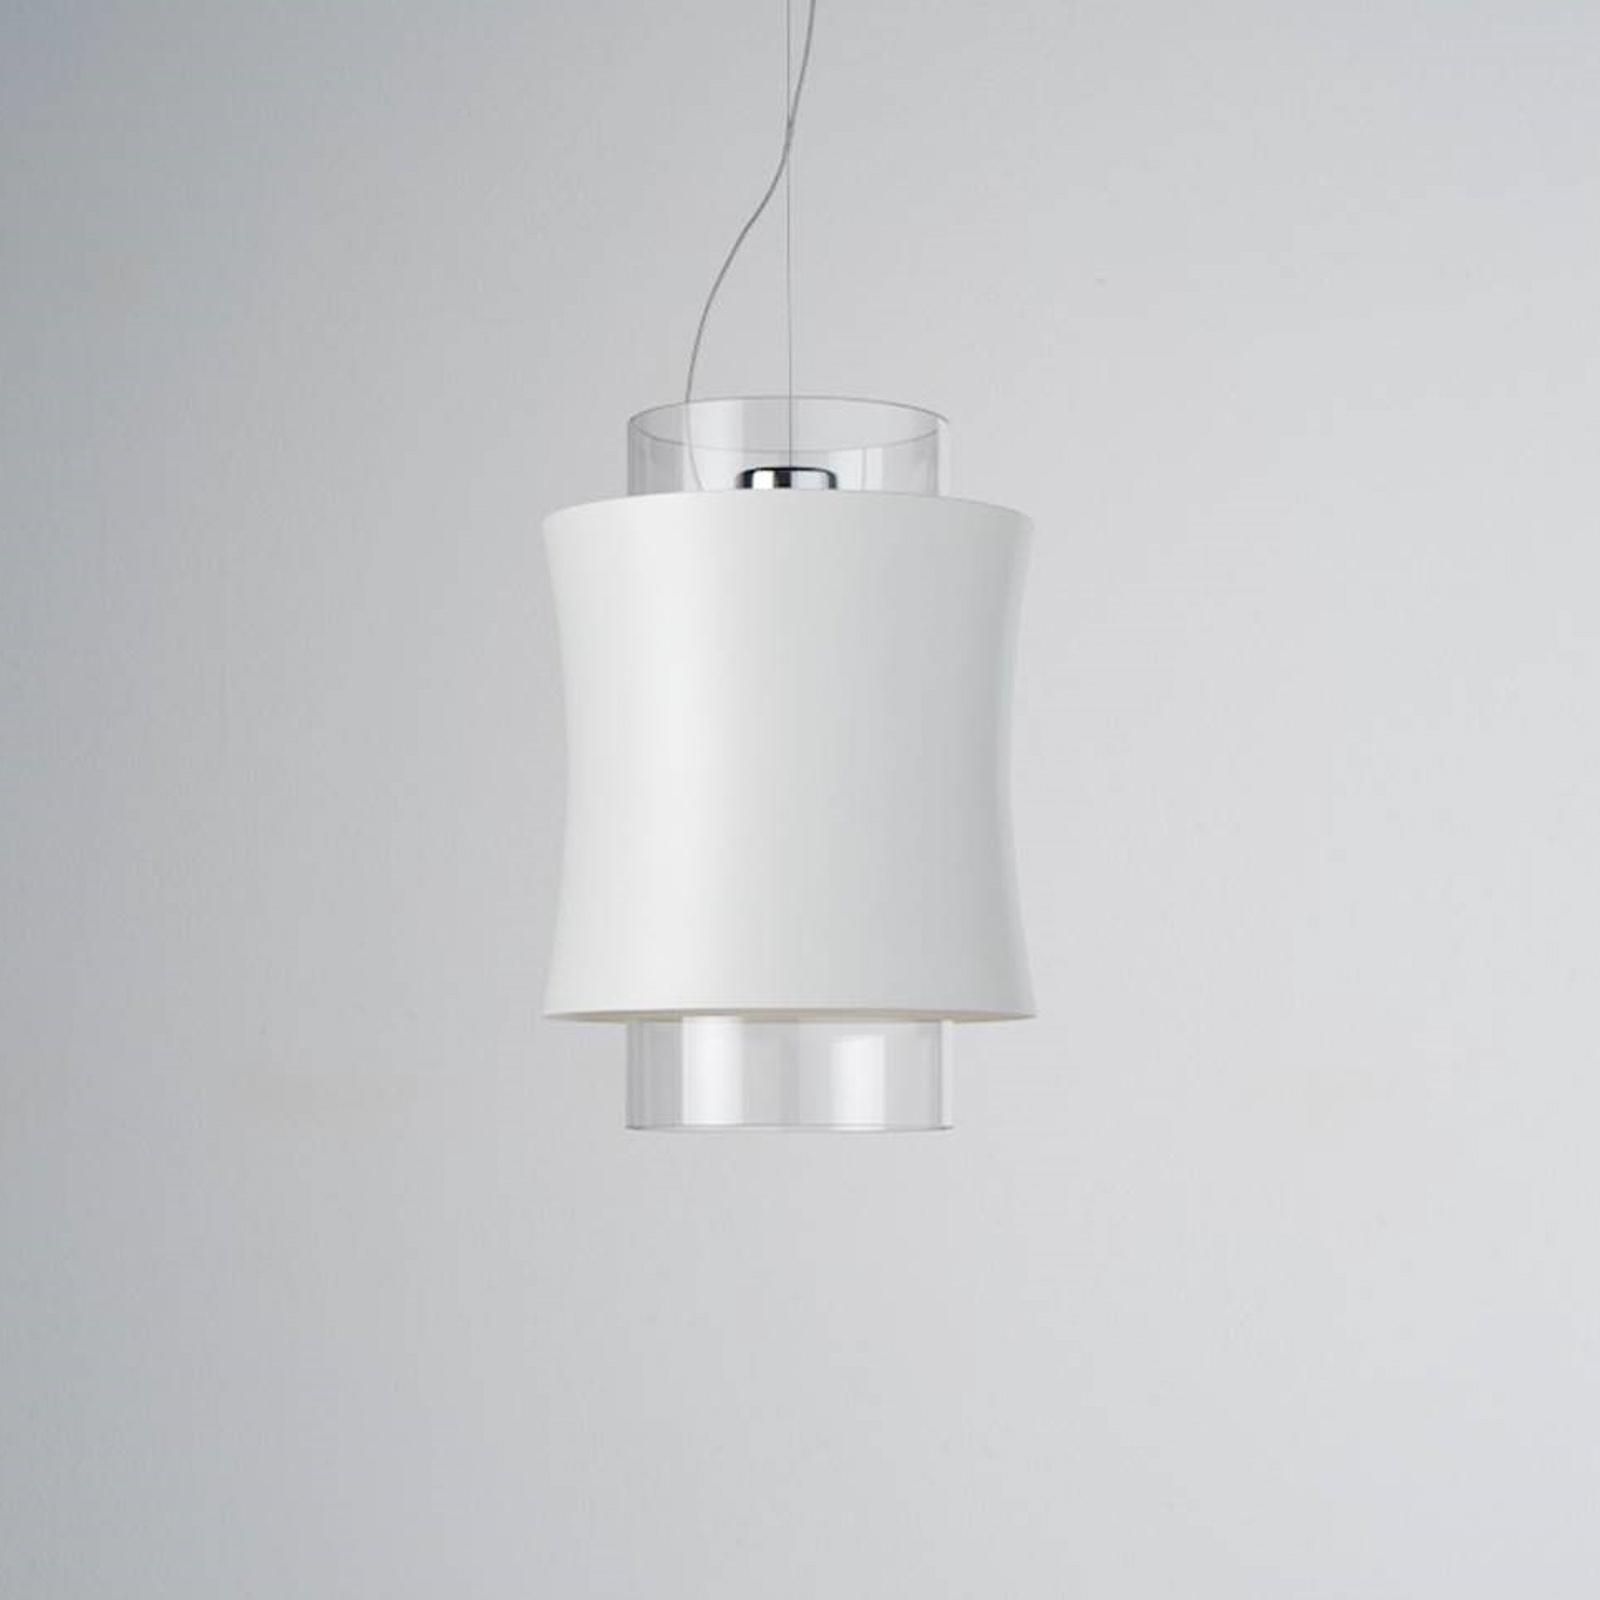 Prandina Fez S1 hanglamp mat wit